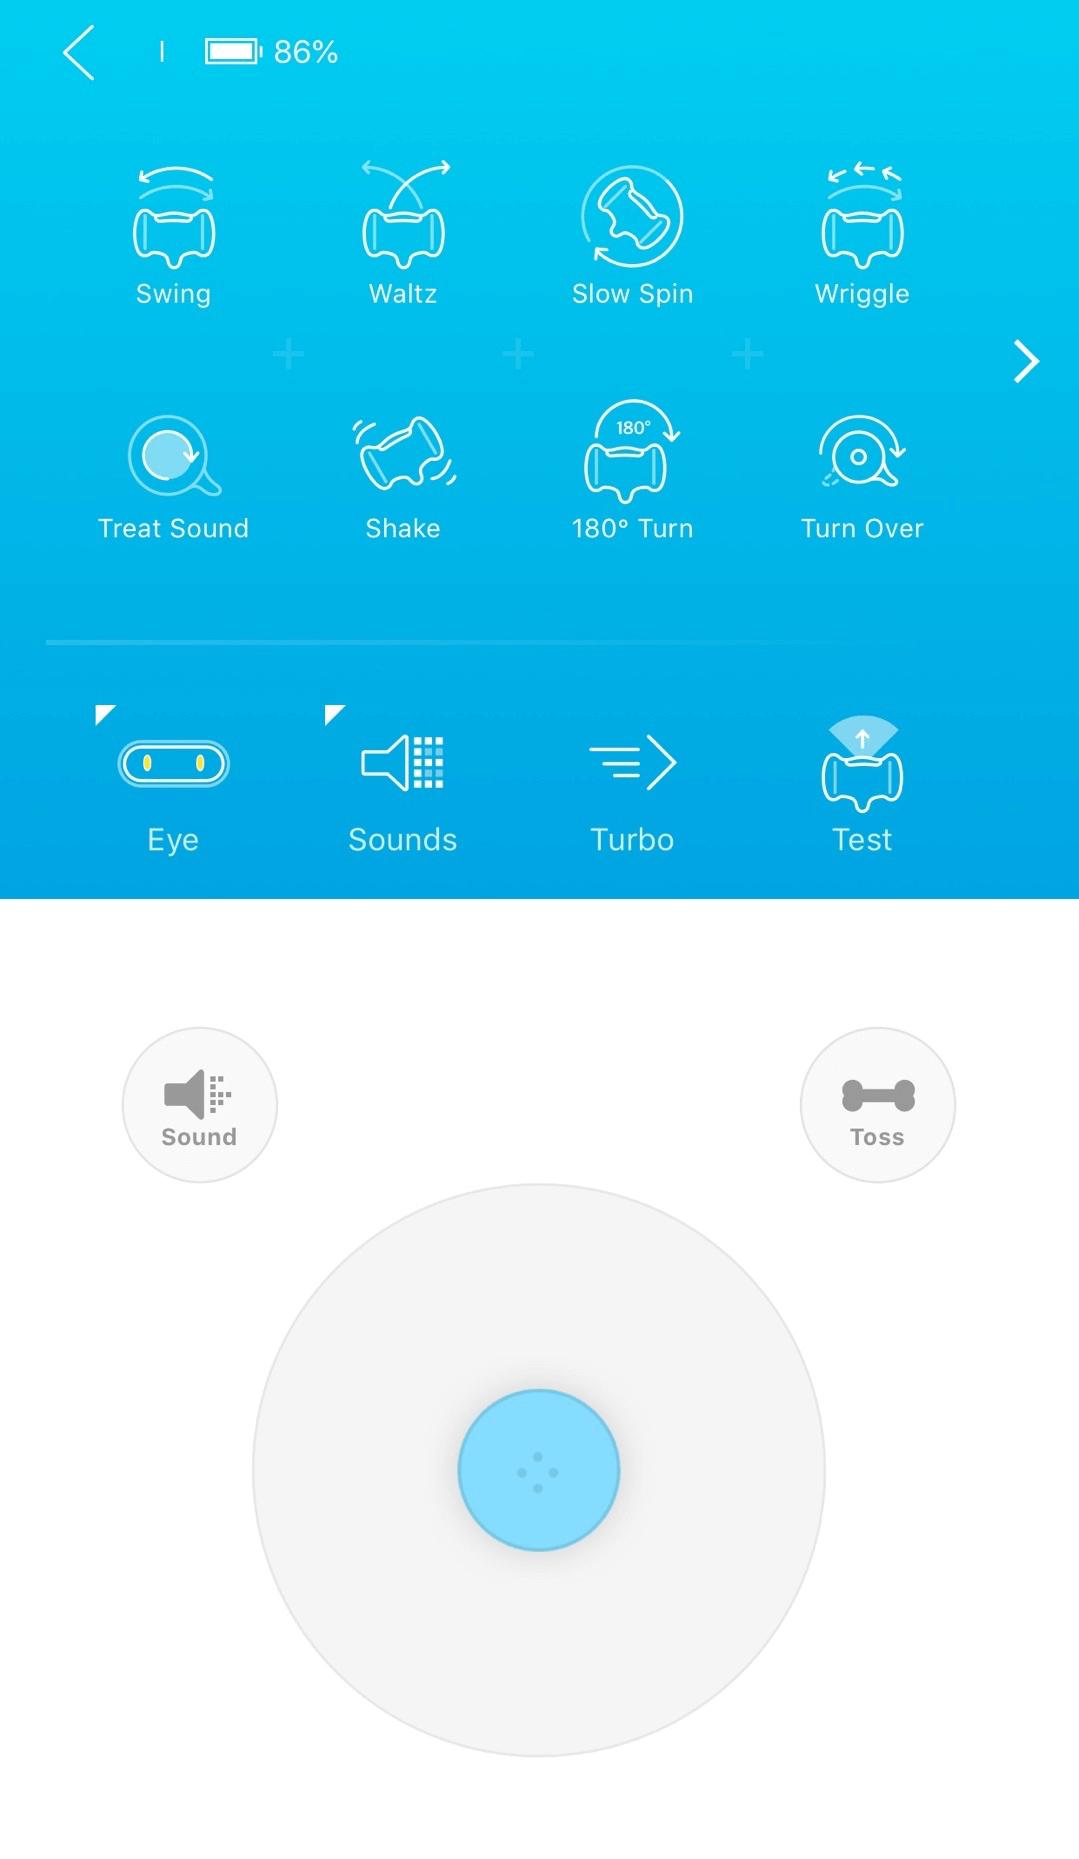 「バレム・ペット・フィットネス」のアプリ操作画面